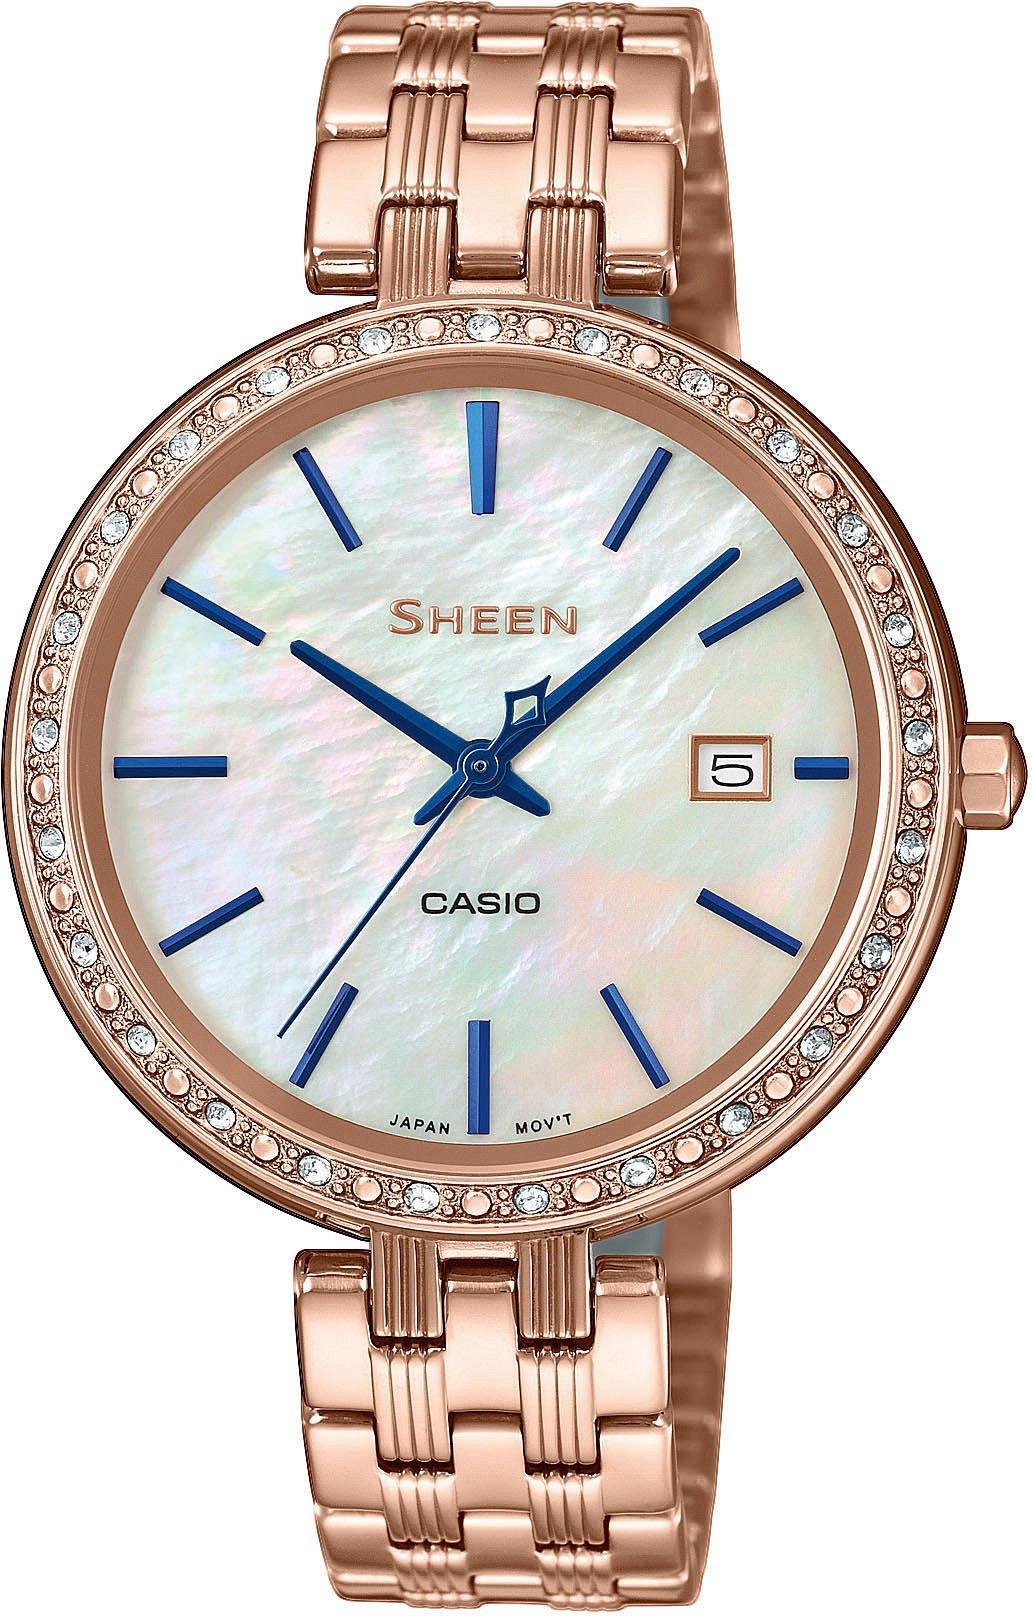 Casio SHEEN SHE-4052PG-2AUEF > Wysyłka tego samego dnia Grawer 0zł Darmowa dostawa Kurierem/Inpost Darmowy zwrot przez 100 DNI